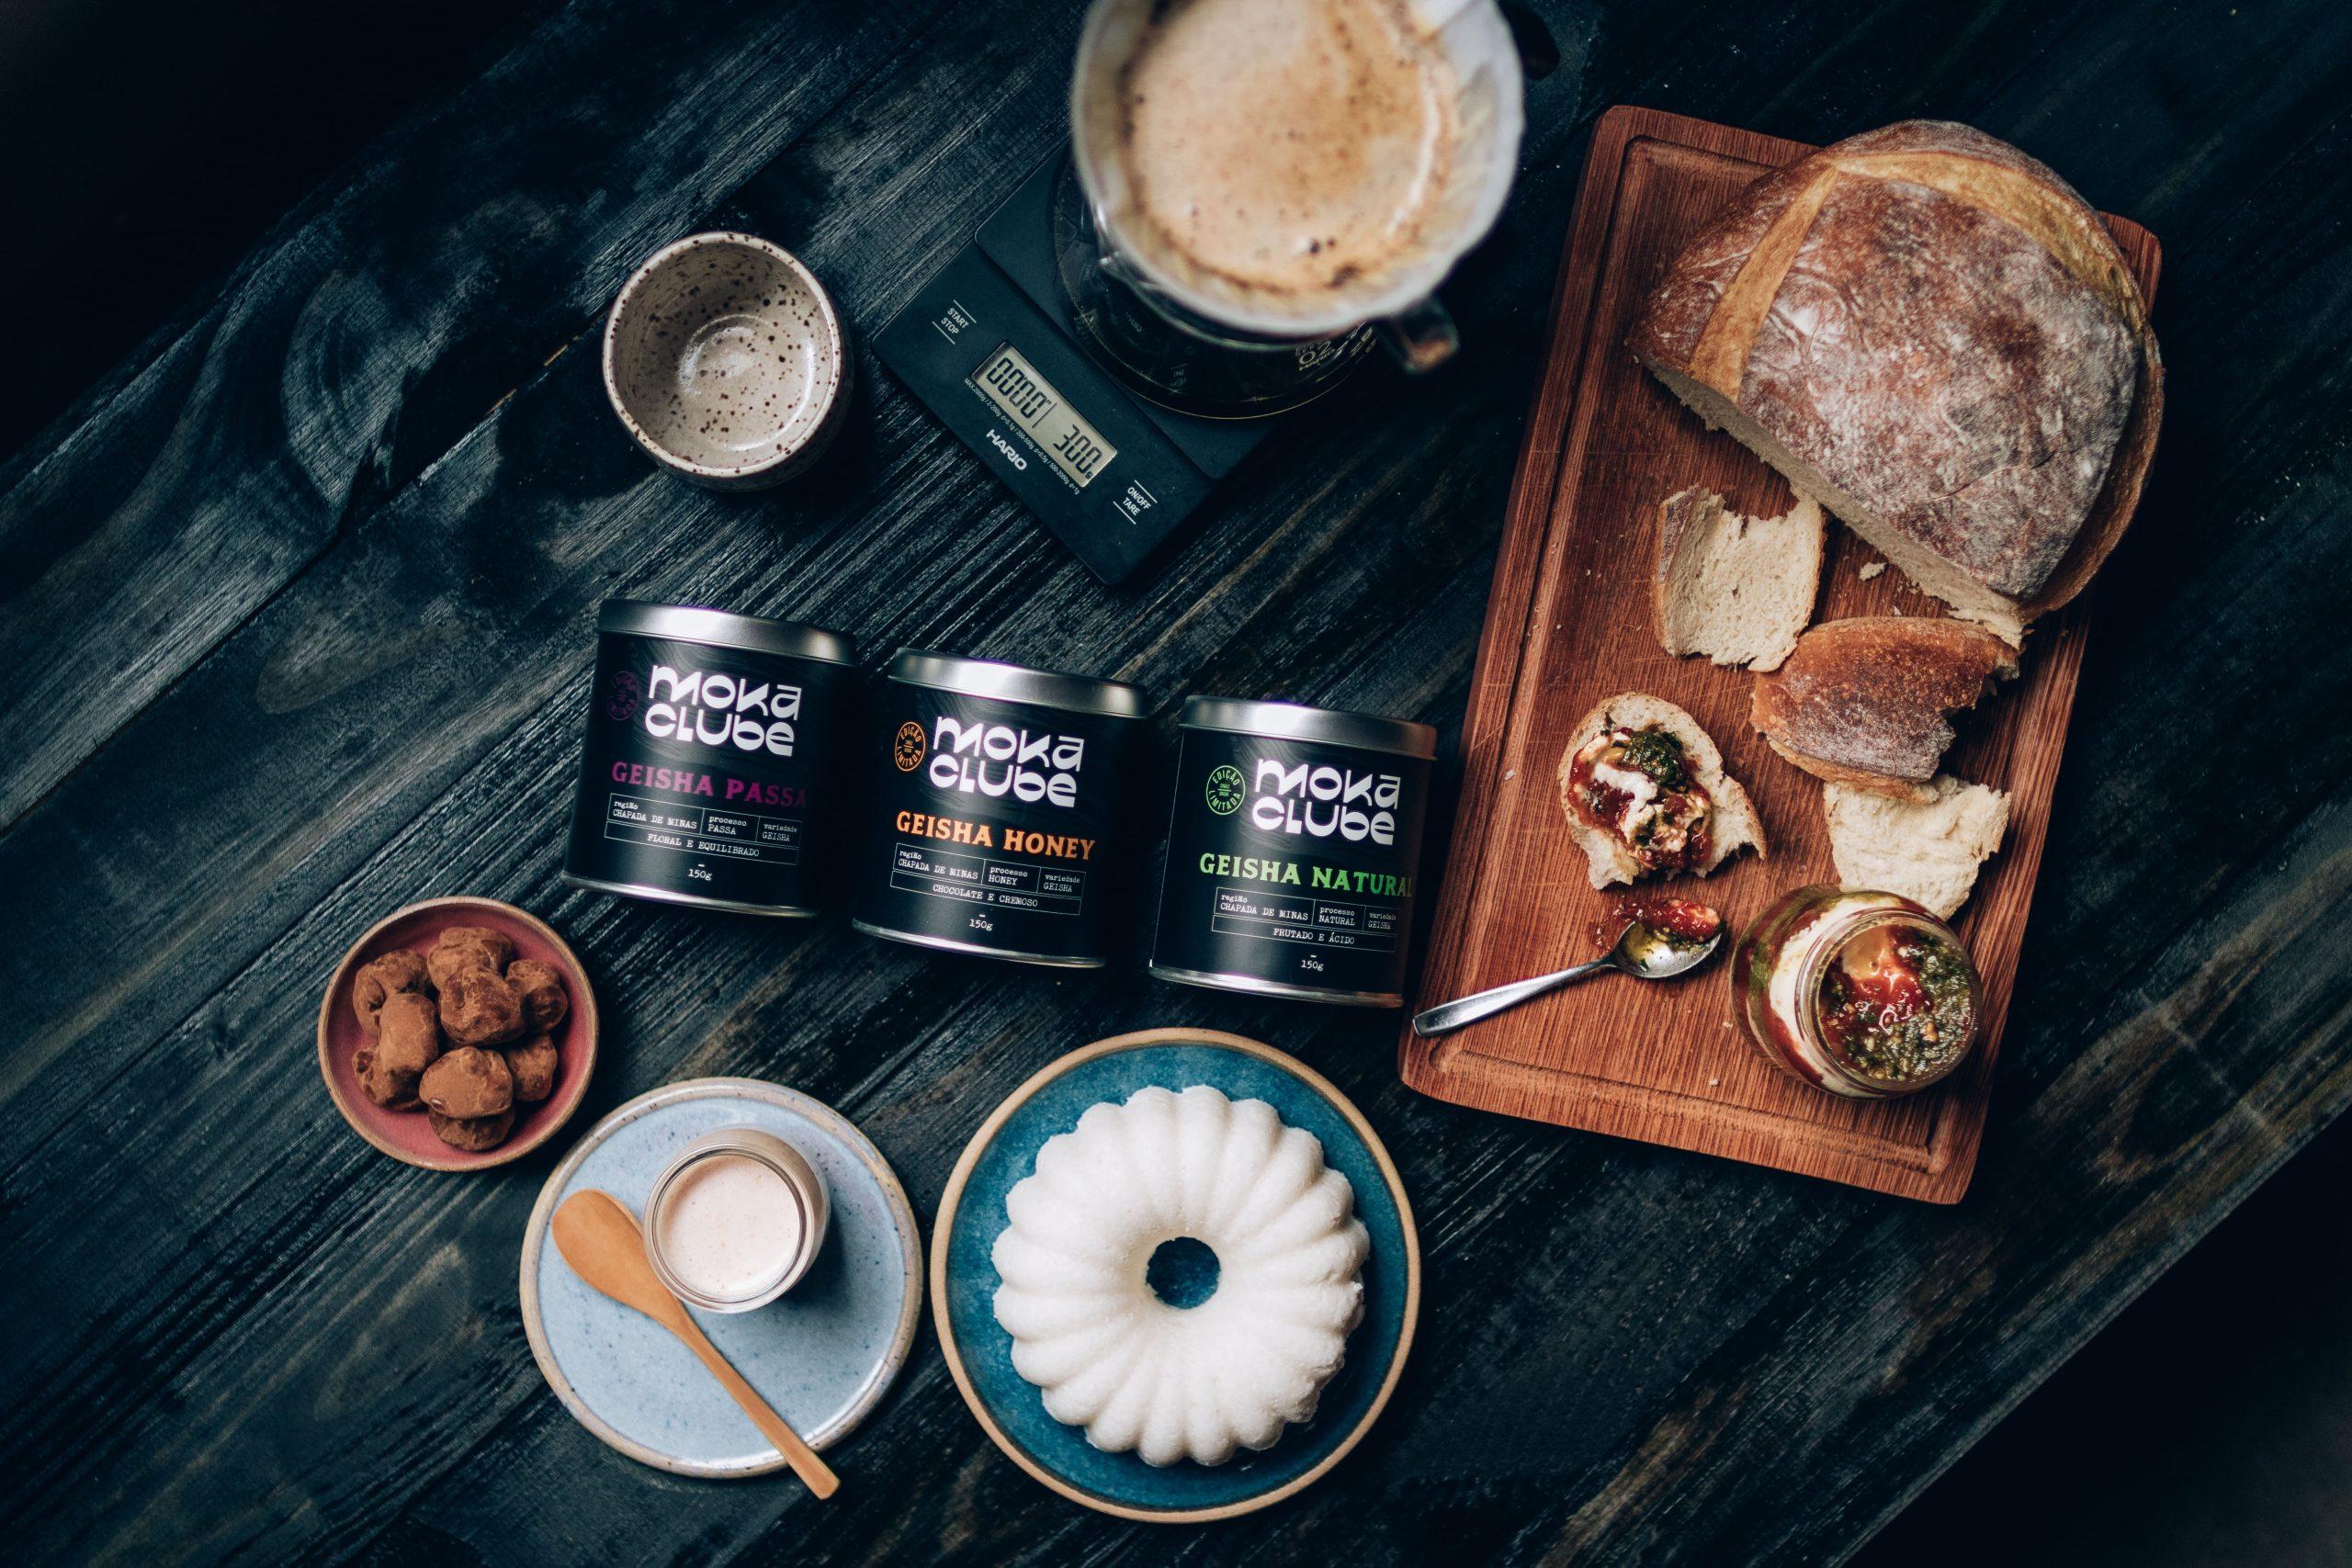 Cafés do Moka Clube em suas embalagens para armazenar o grão, disposta na mesa com pães e doces.